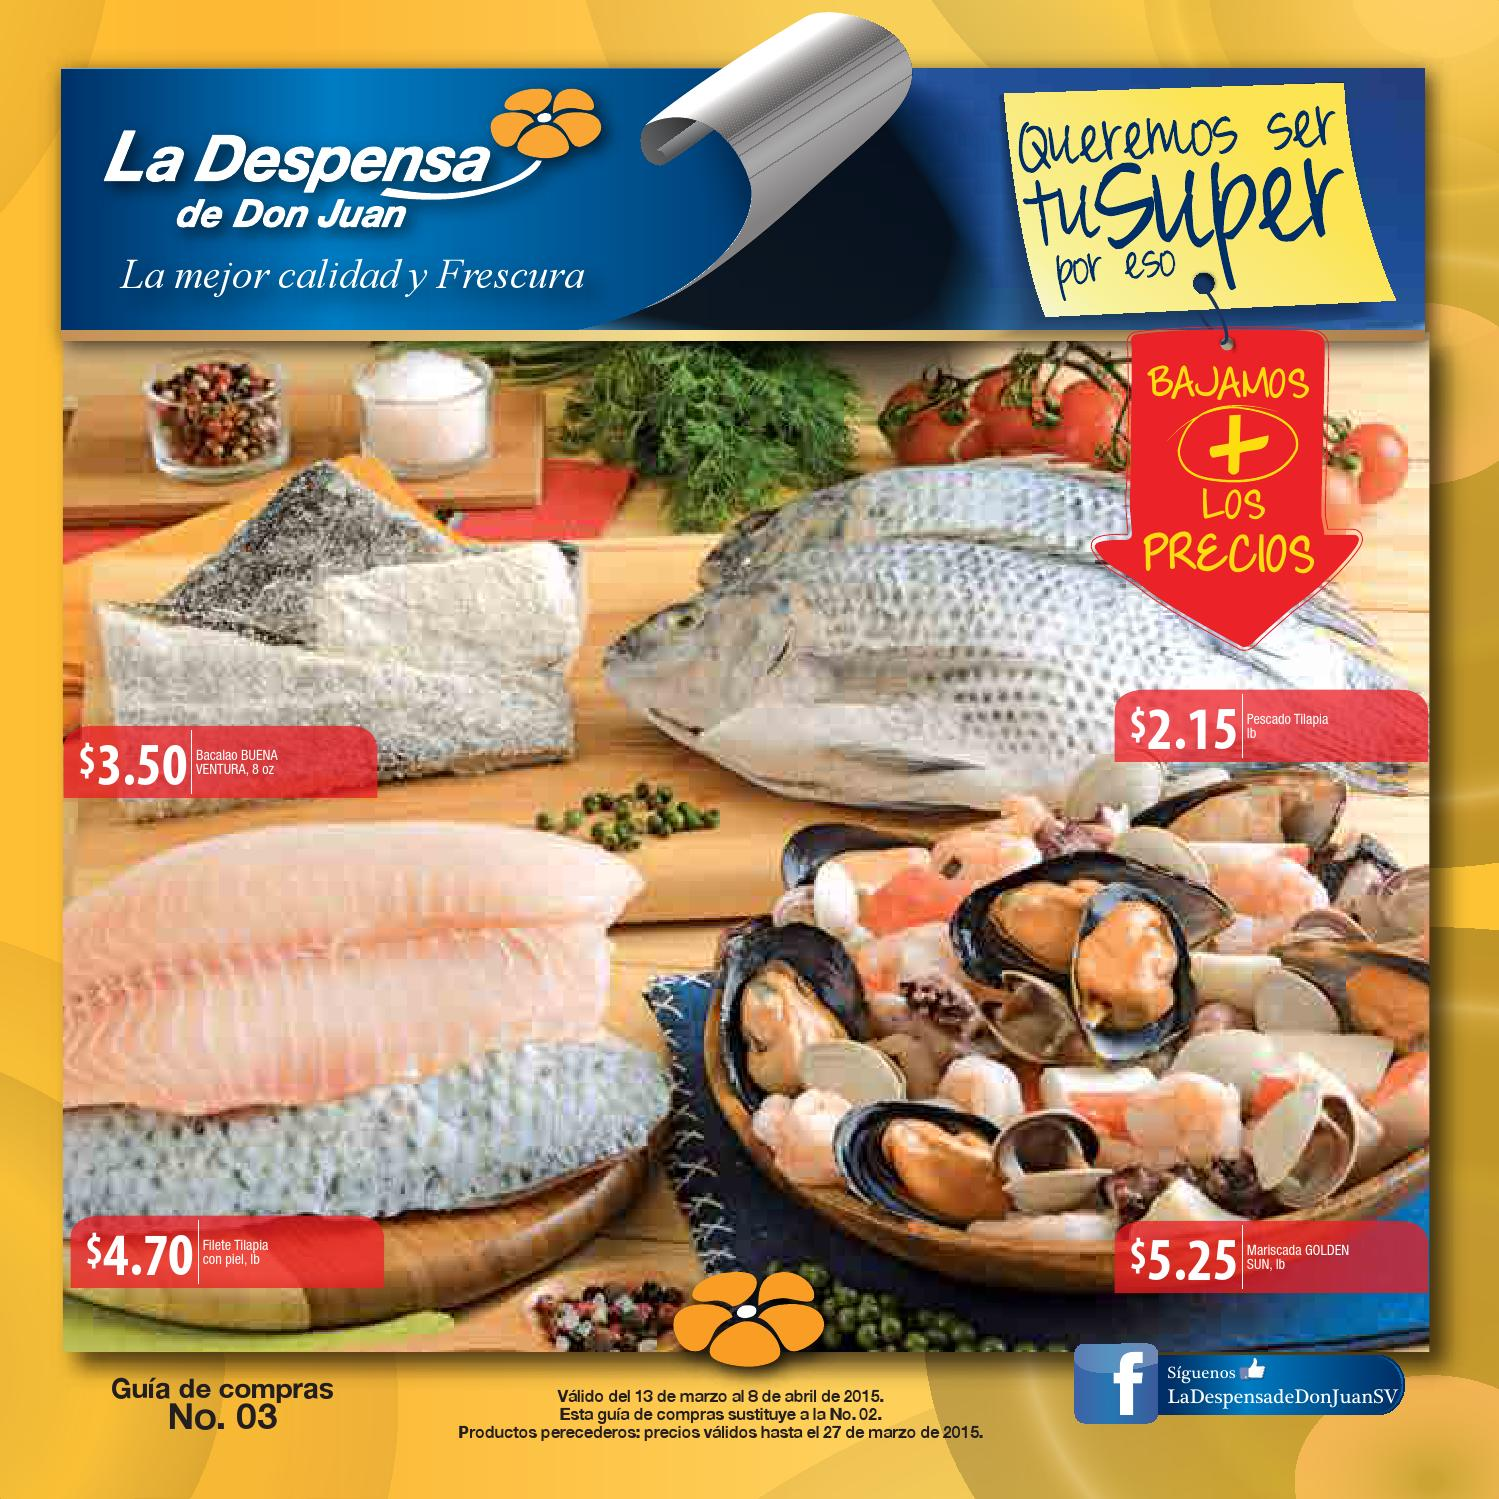 Guia de compras no 3 LA DESPENSA DE DON JUAN verano marzo 2015